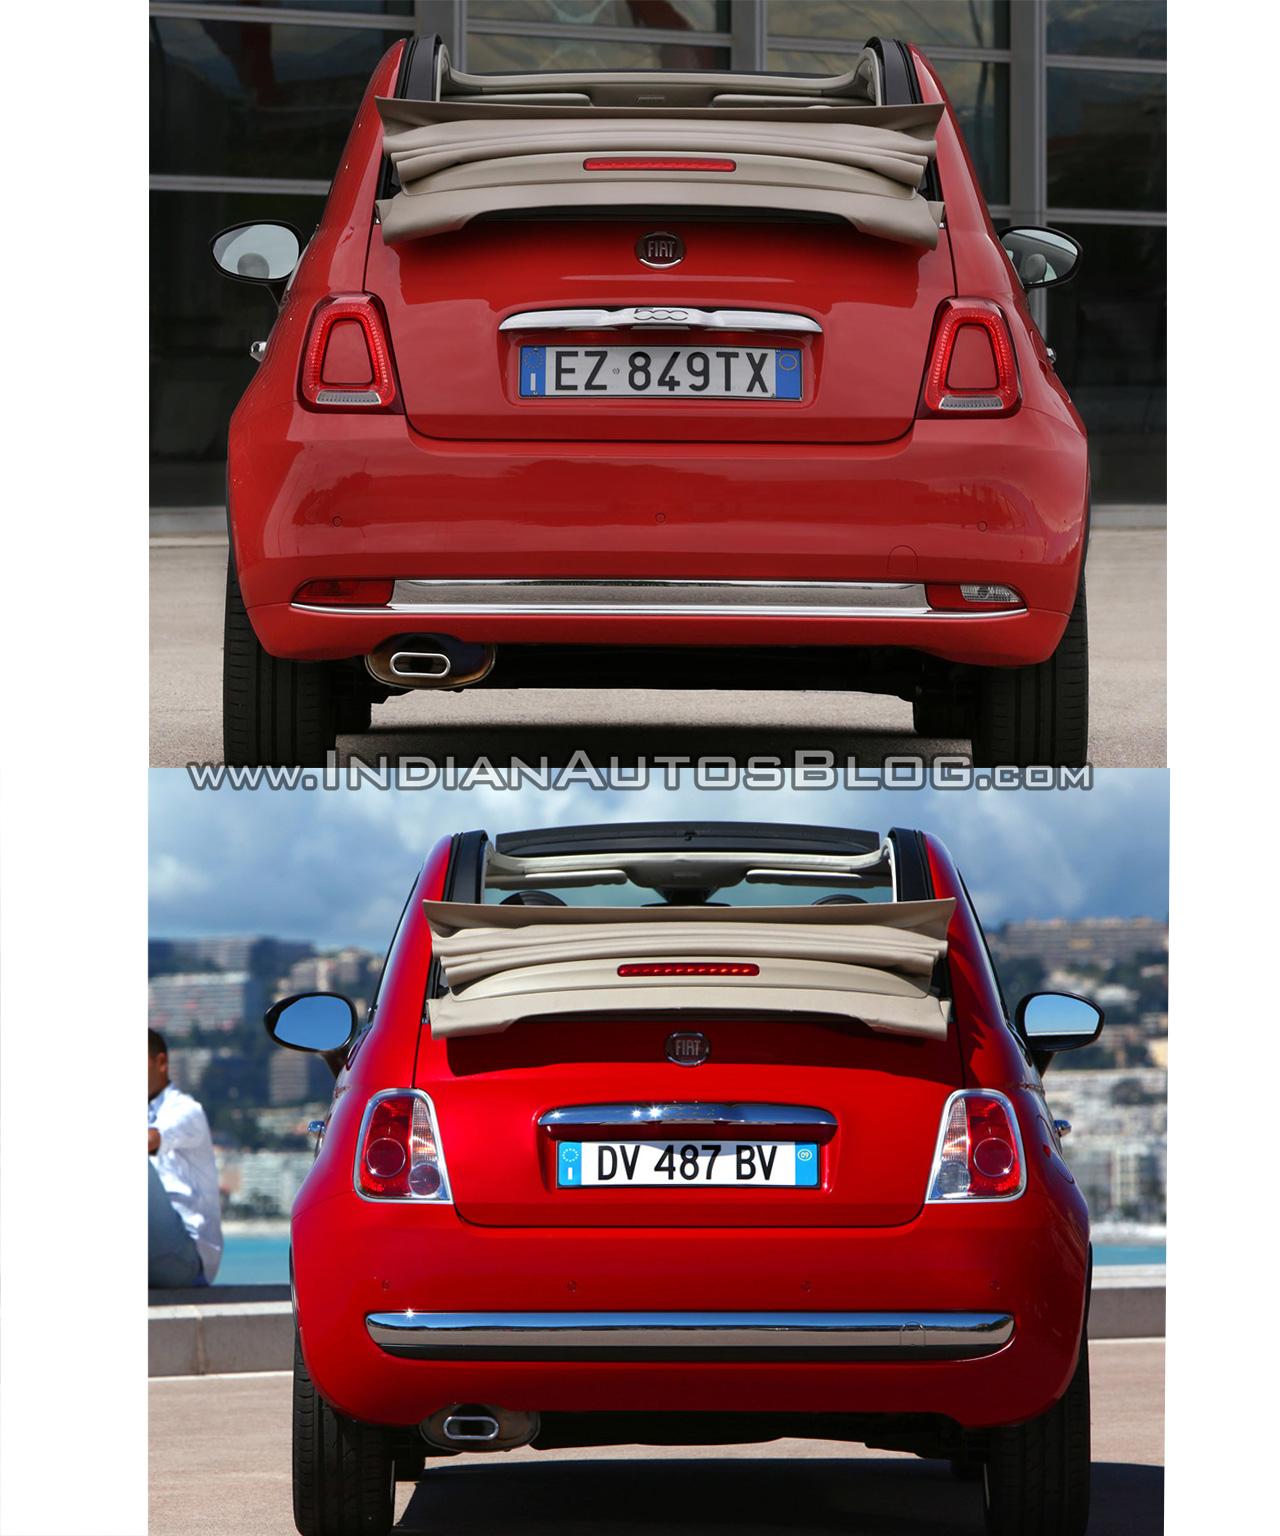 2016 Fiat 500 (facelift) vs 2007 Fiat 500 cabrio rear Old vs New